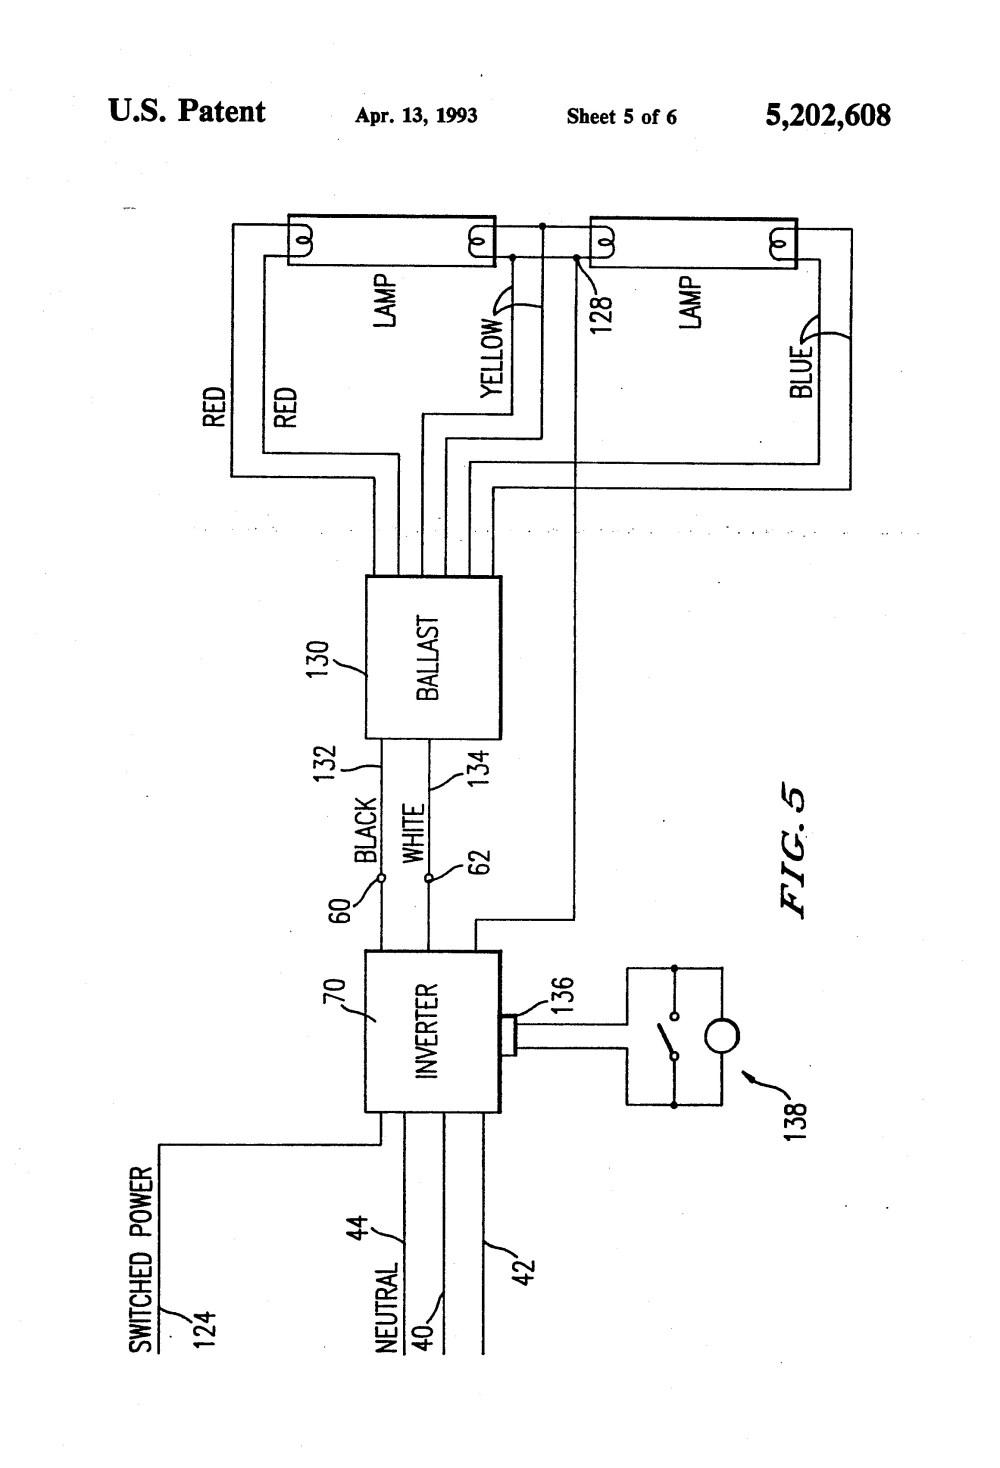 medium resolution of fulham wh2 120 c wiring diagram free wiring diagramfulham wh2 120 c wiring diagram wiring diagram